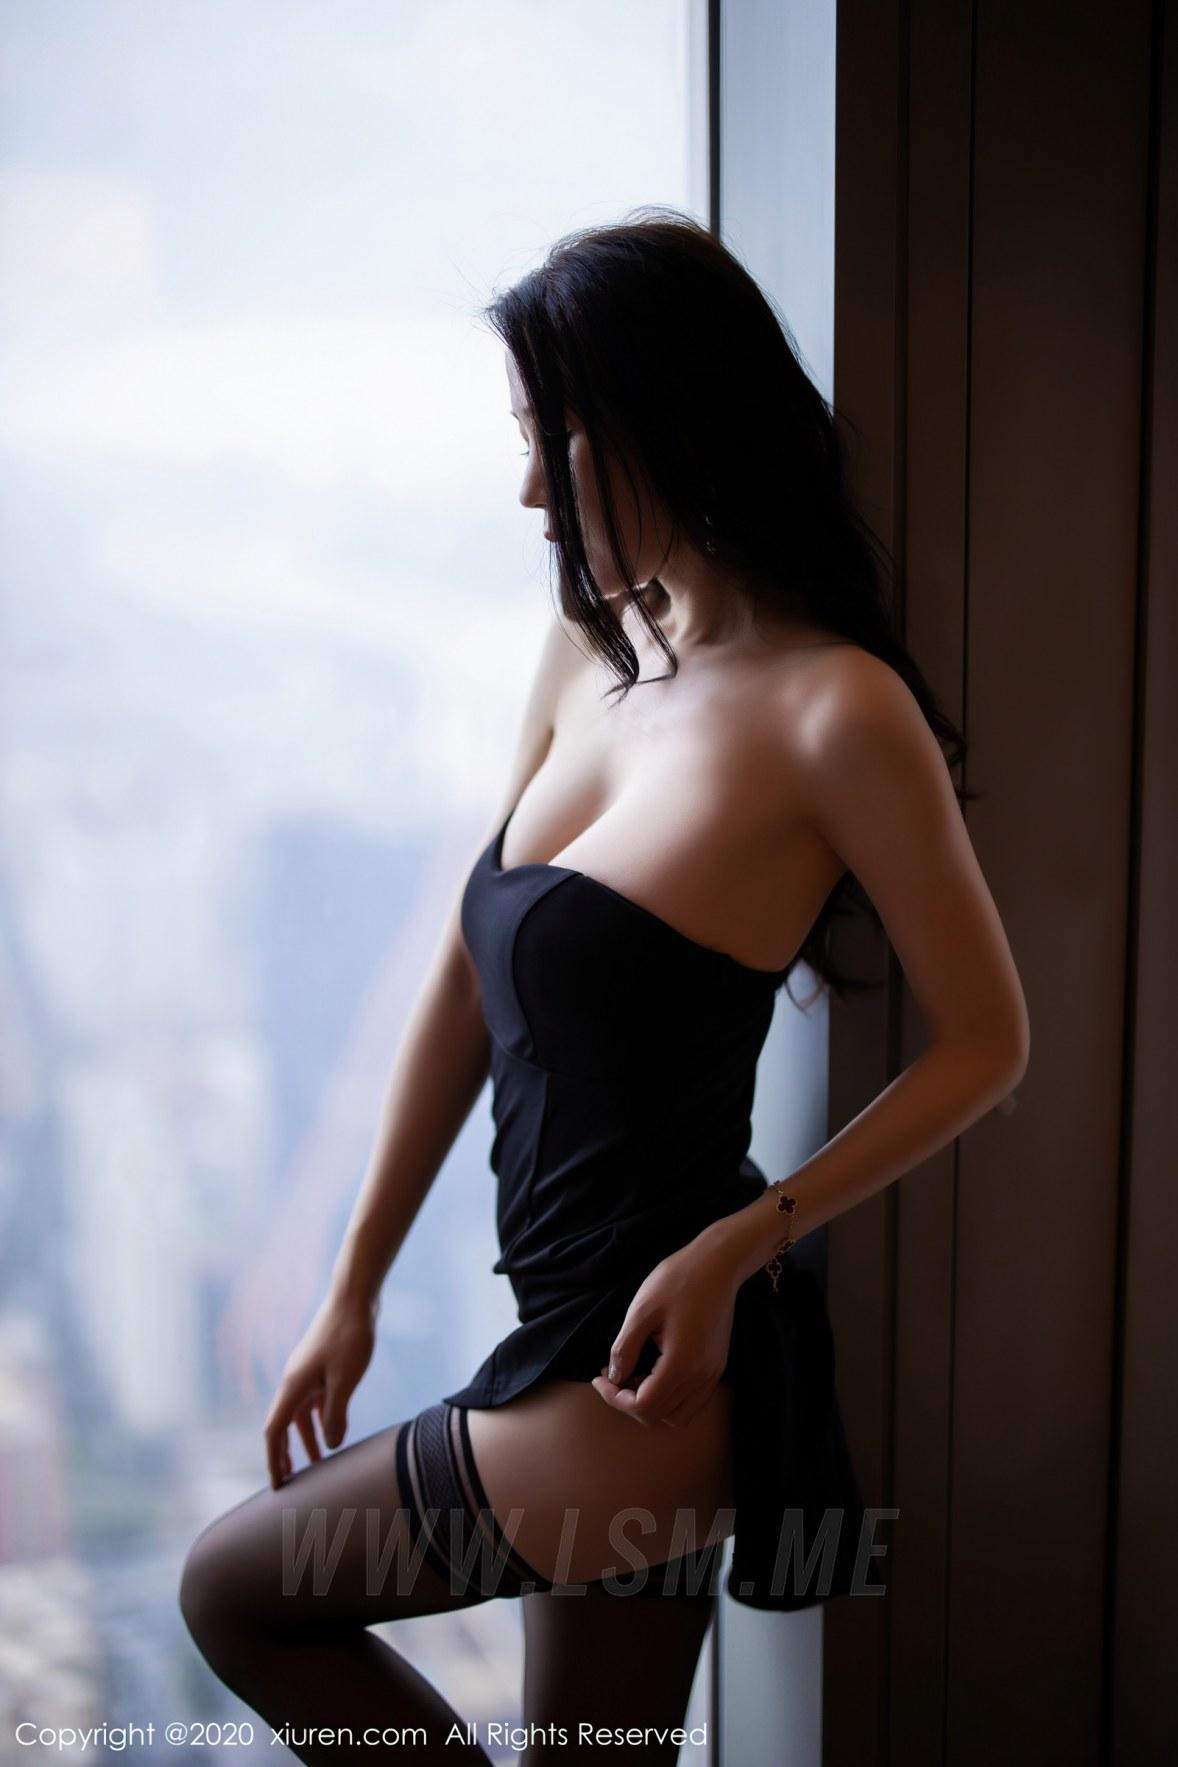 2535 017 a4n 3600 5400 - XiuRen 秀人 No.2535  黑丝魅惑抹胸 梦心月 - 秀人网 -【免费在线写真】【丽人丝语】